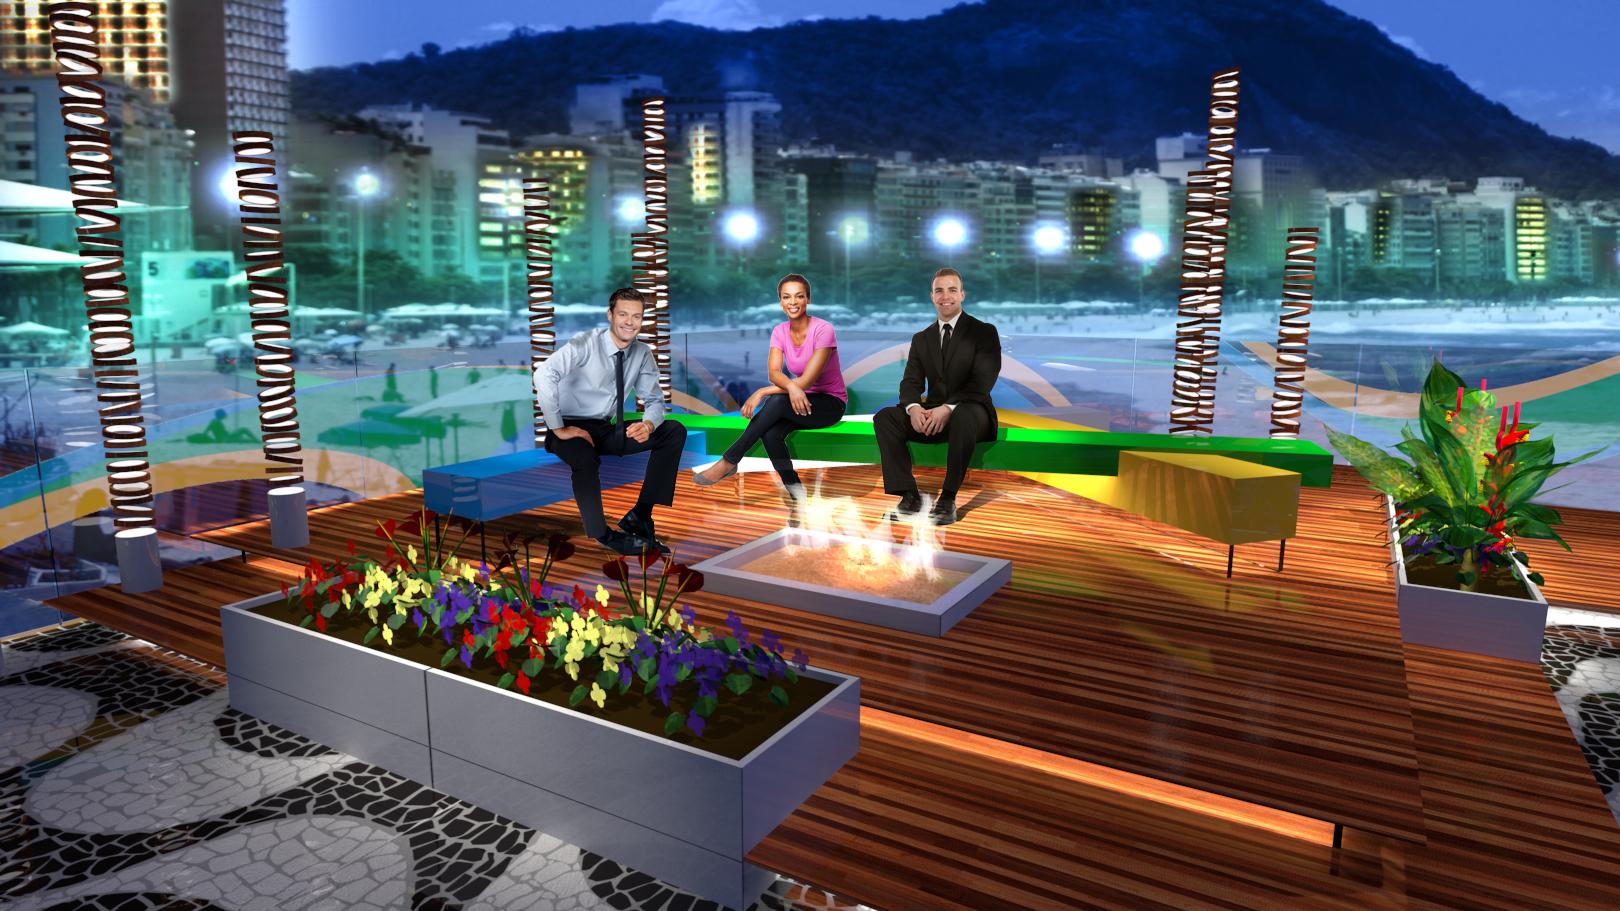 ncs_NBC-Olympics-Studio-Rio_0028